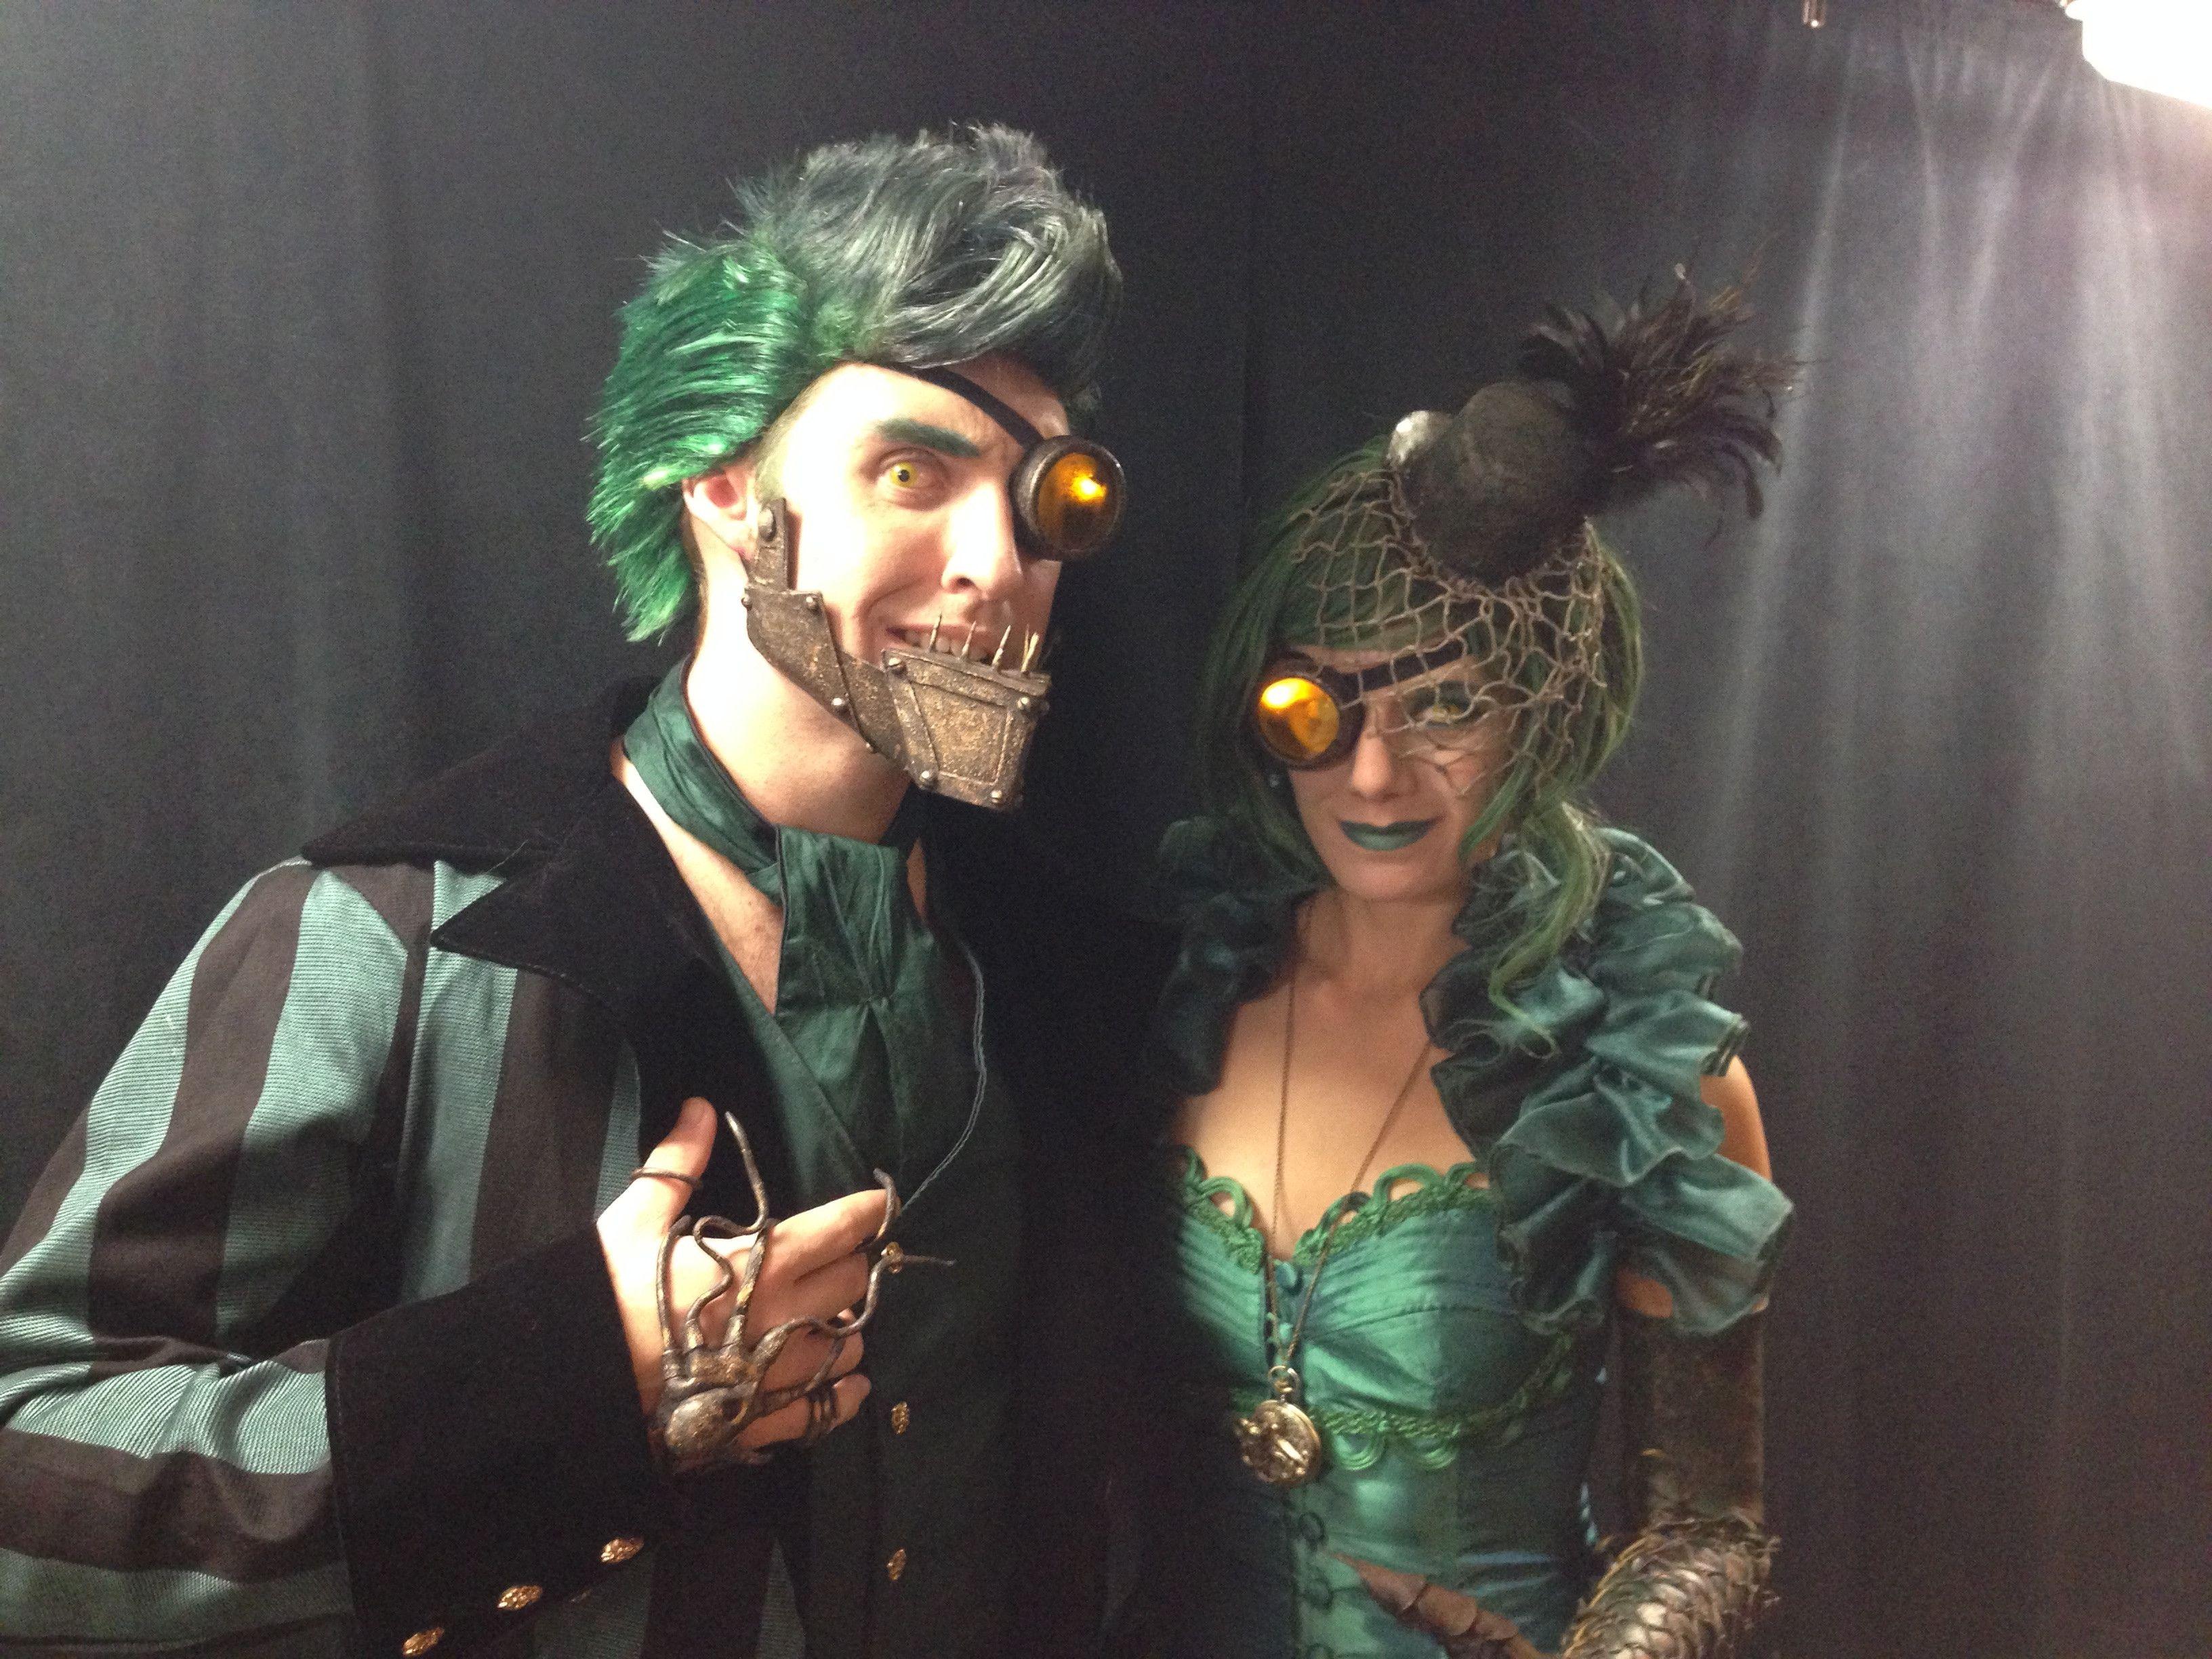 flotsam and jetsam costume the little mermaid on